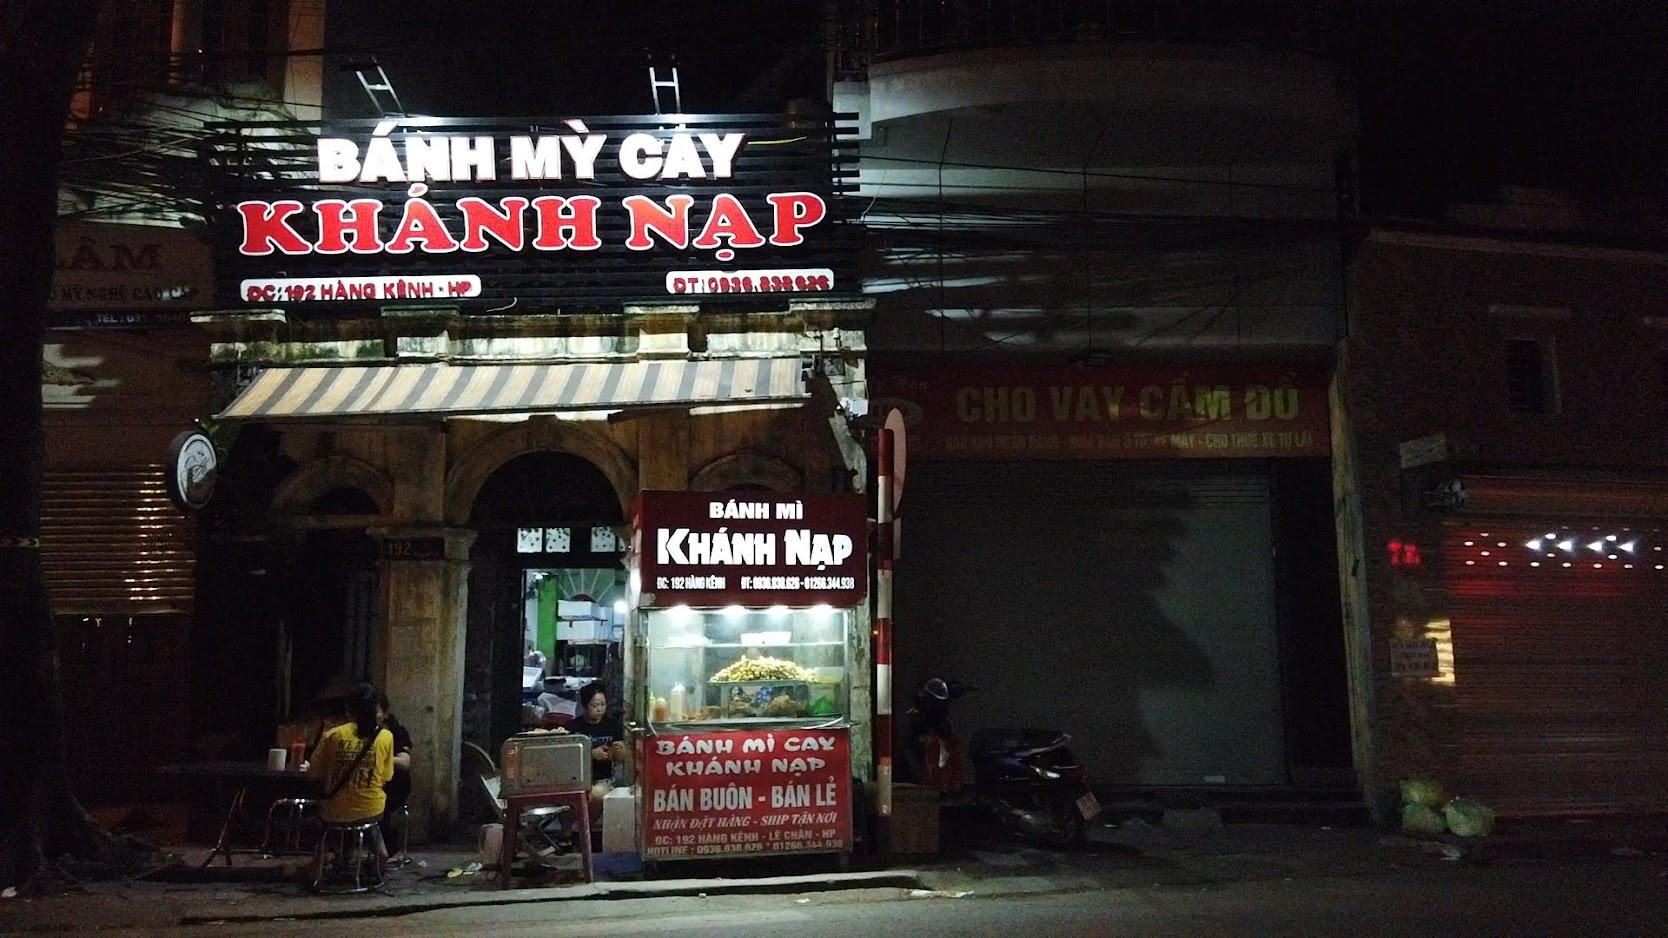 Bánh mỳ cáy Khánh Nạp nổi tiếng đường Hàng Kênh ở Hải Phòng 4